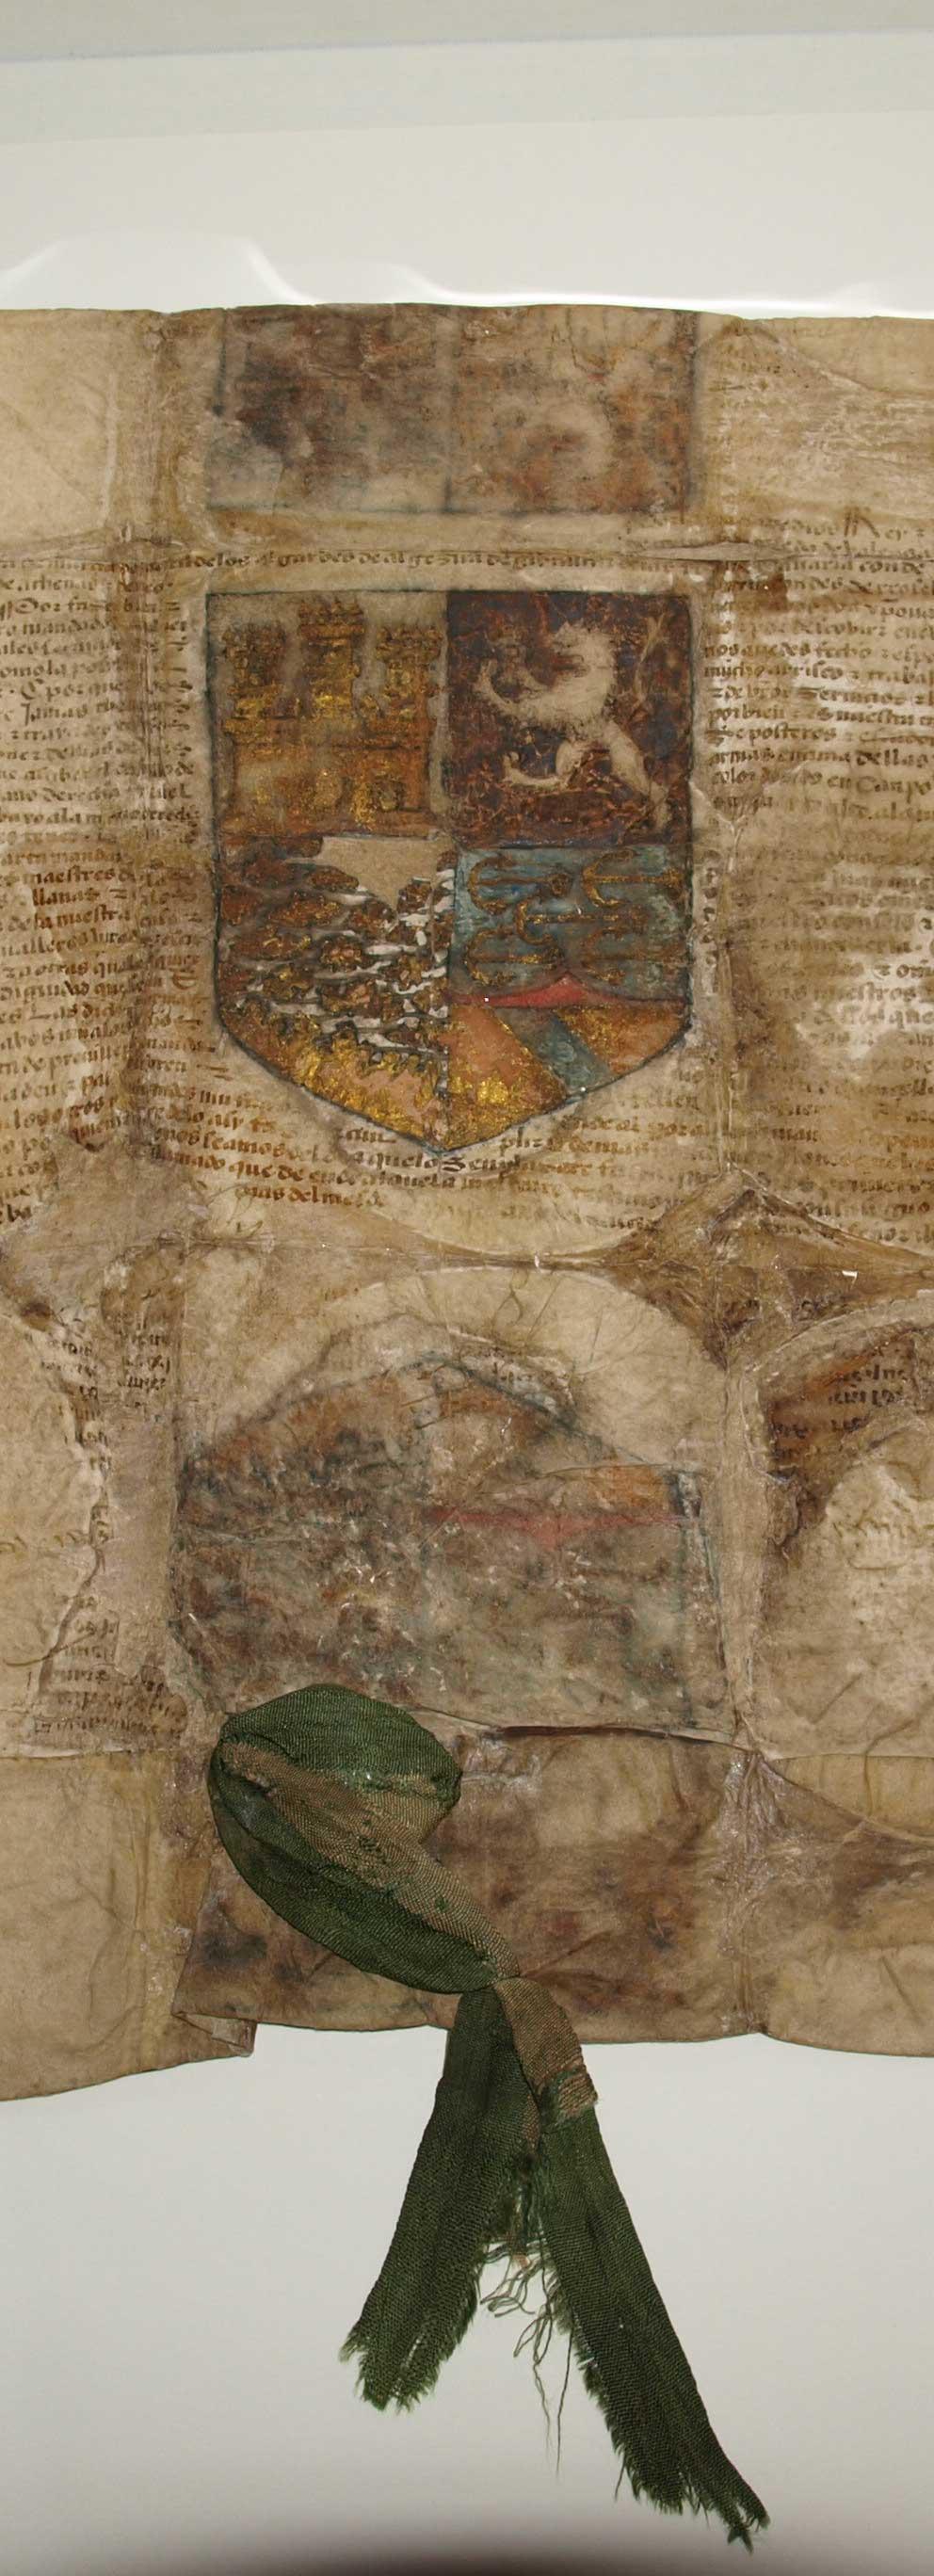 Privilegio original, sobre pergamino de vitela, que presenta la reproducción policromada de las armas que los Reyes Católicos concedieron al Descubridor de América y sus descendientes (Ansorena).